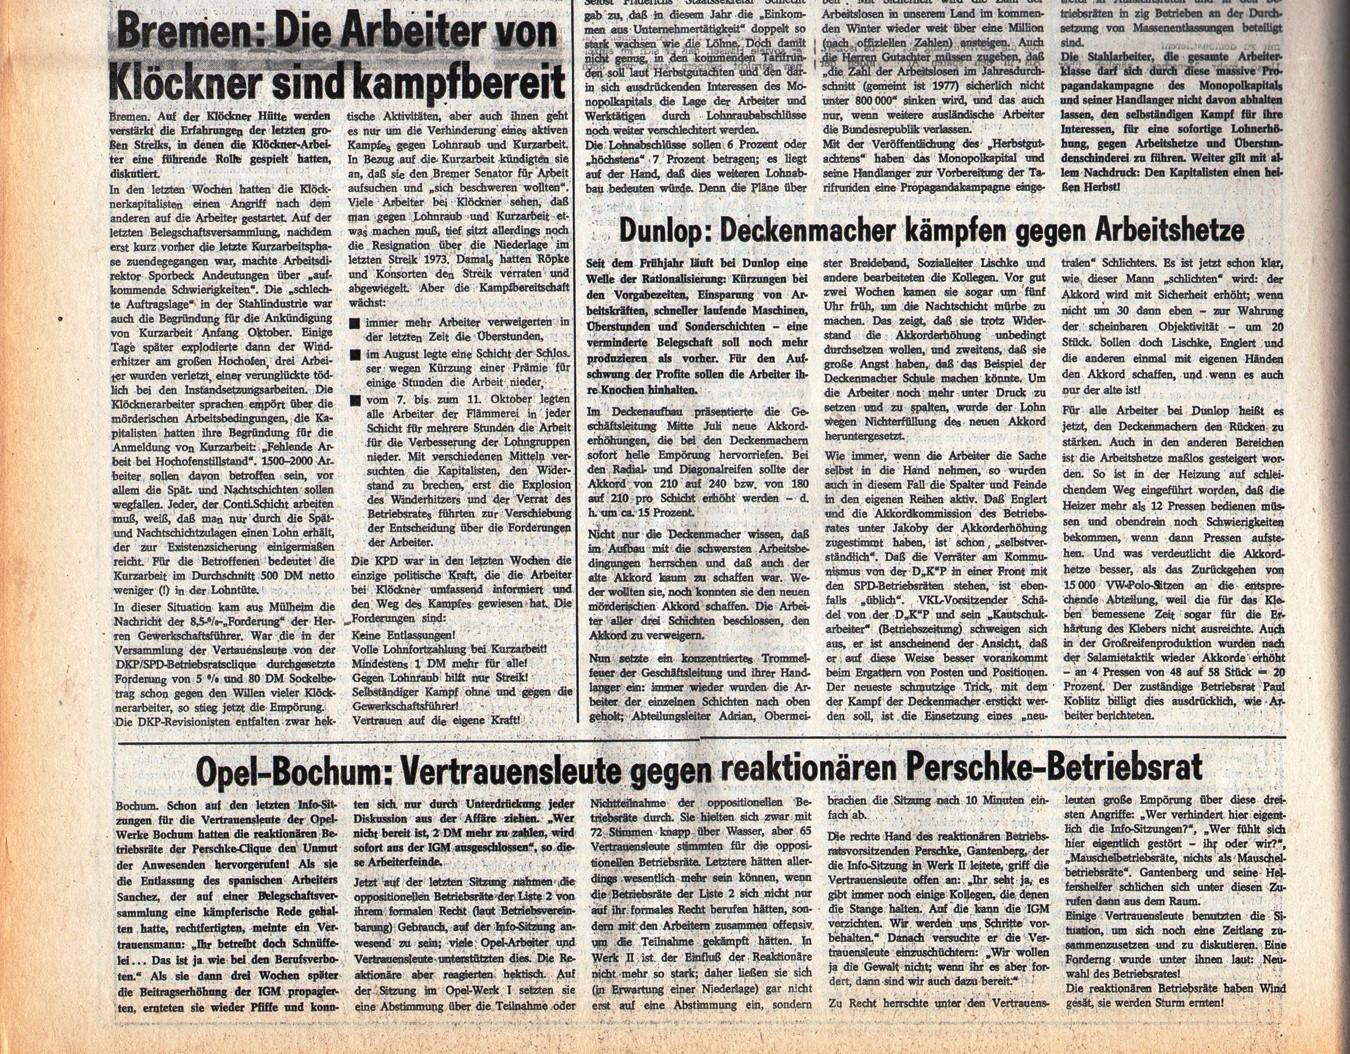 KPD_Rote_Fahne_1976_44_08